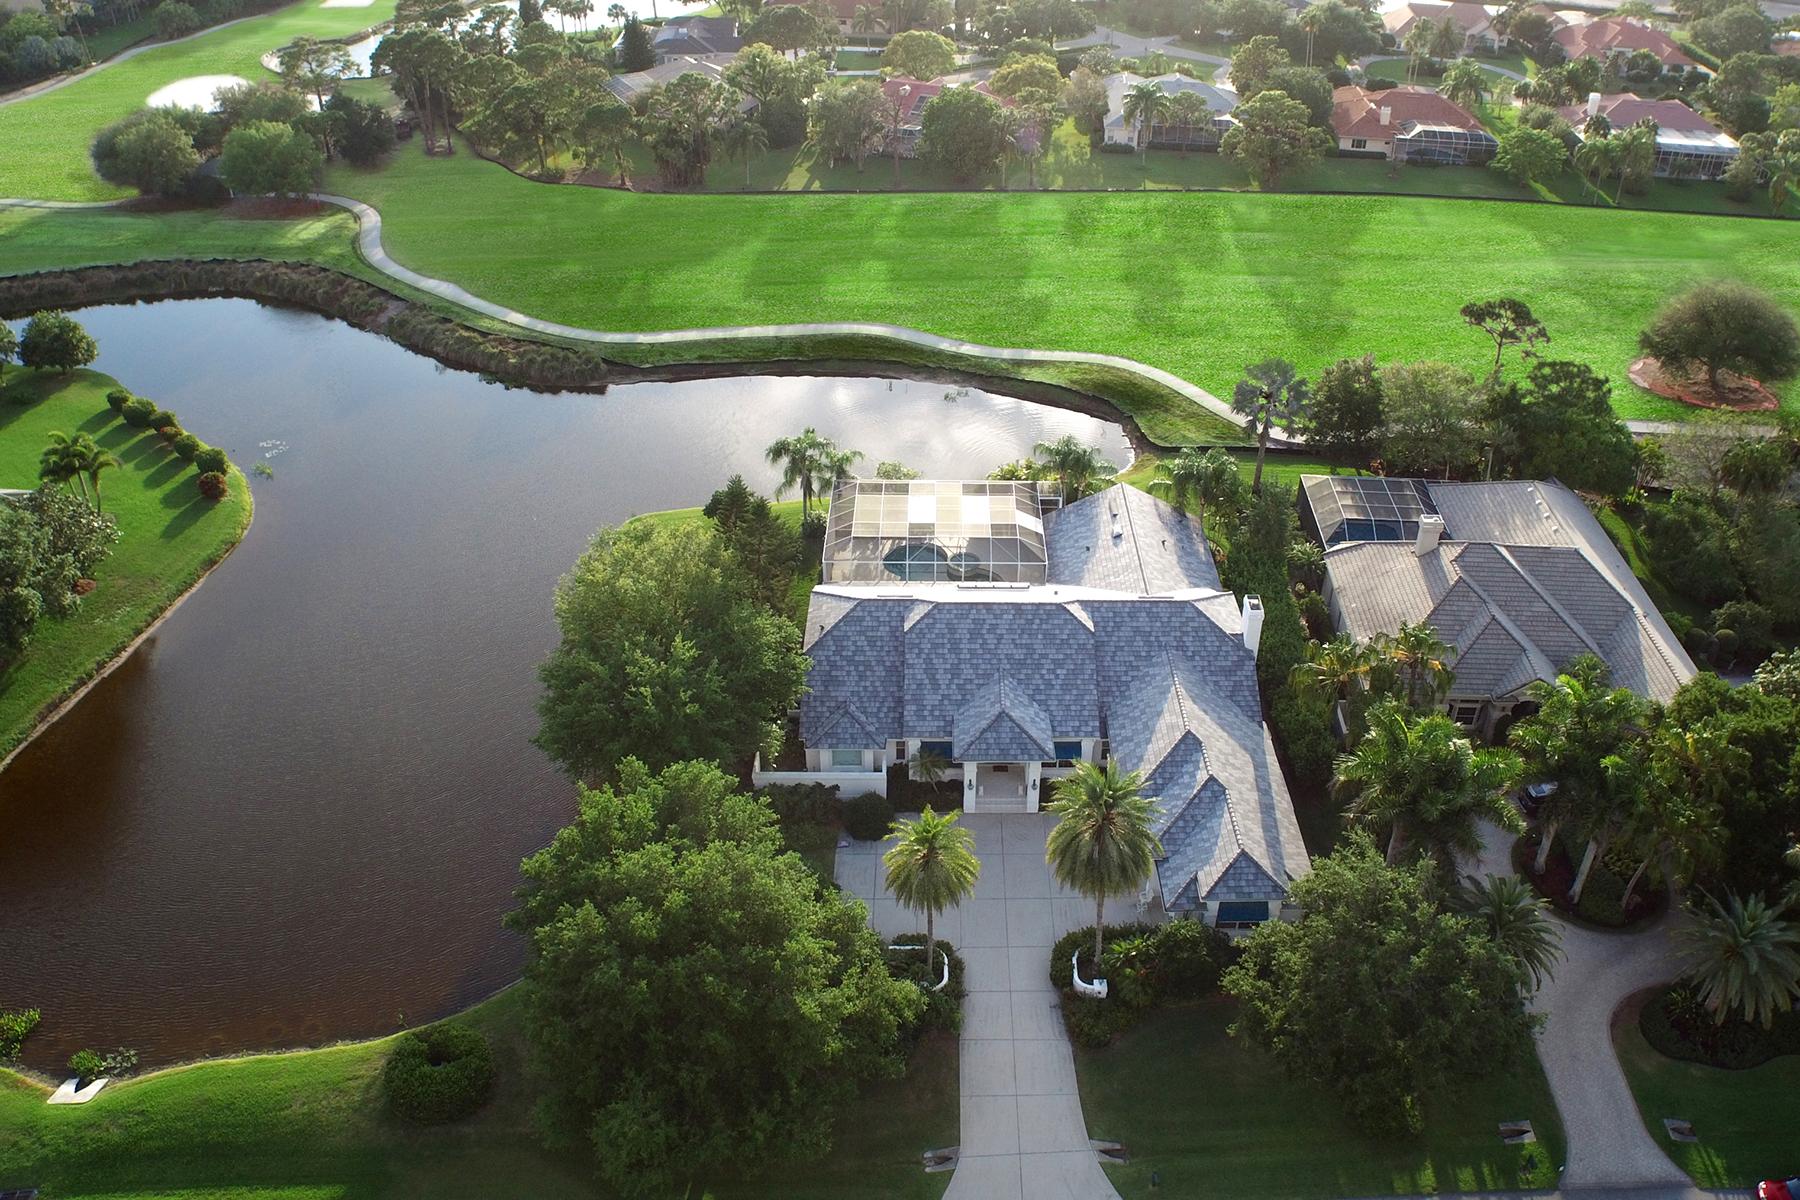 Maison unifamiliale pour l Vente à THE OAKS 447 E Macewen Dr Osprey, Florida 34229 États-Unis